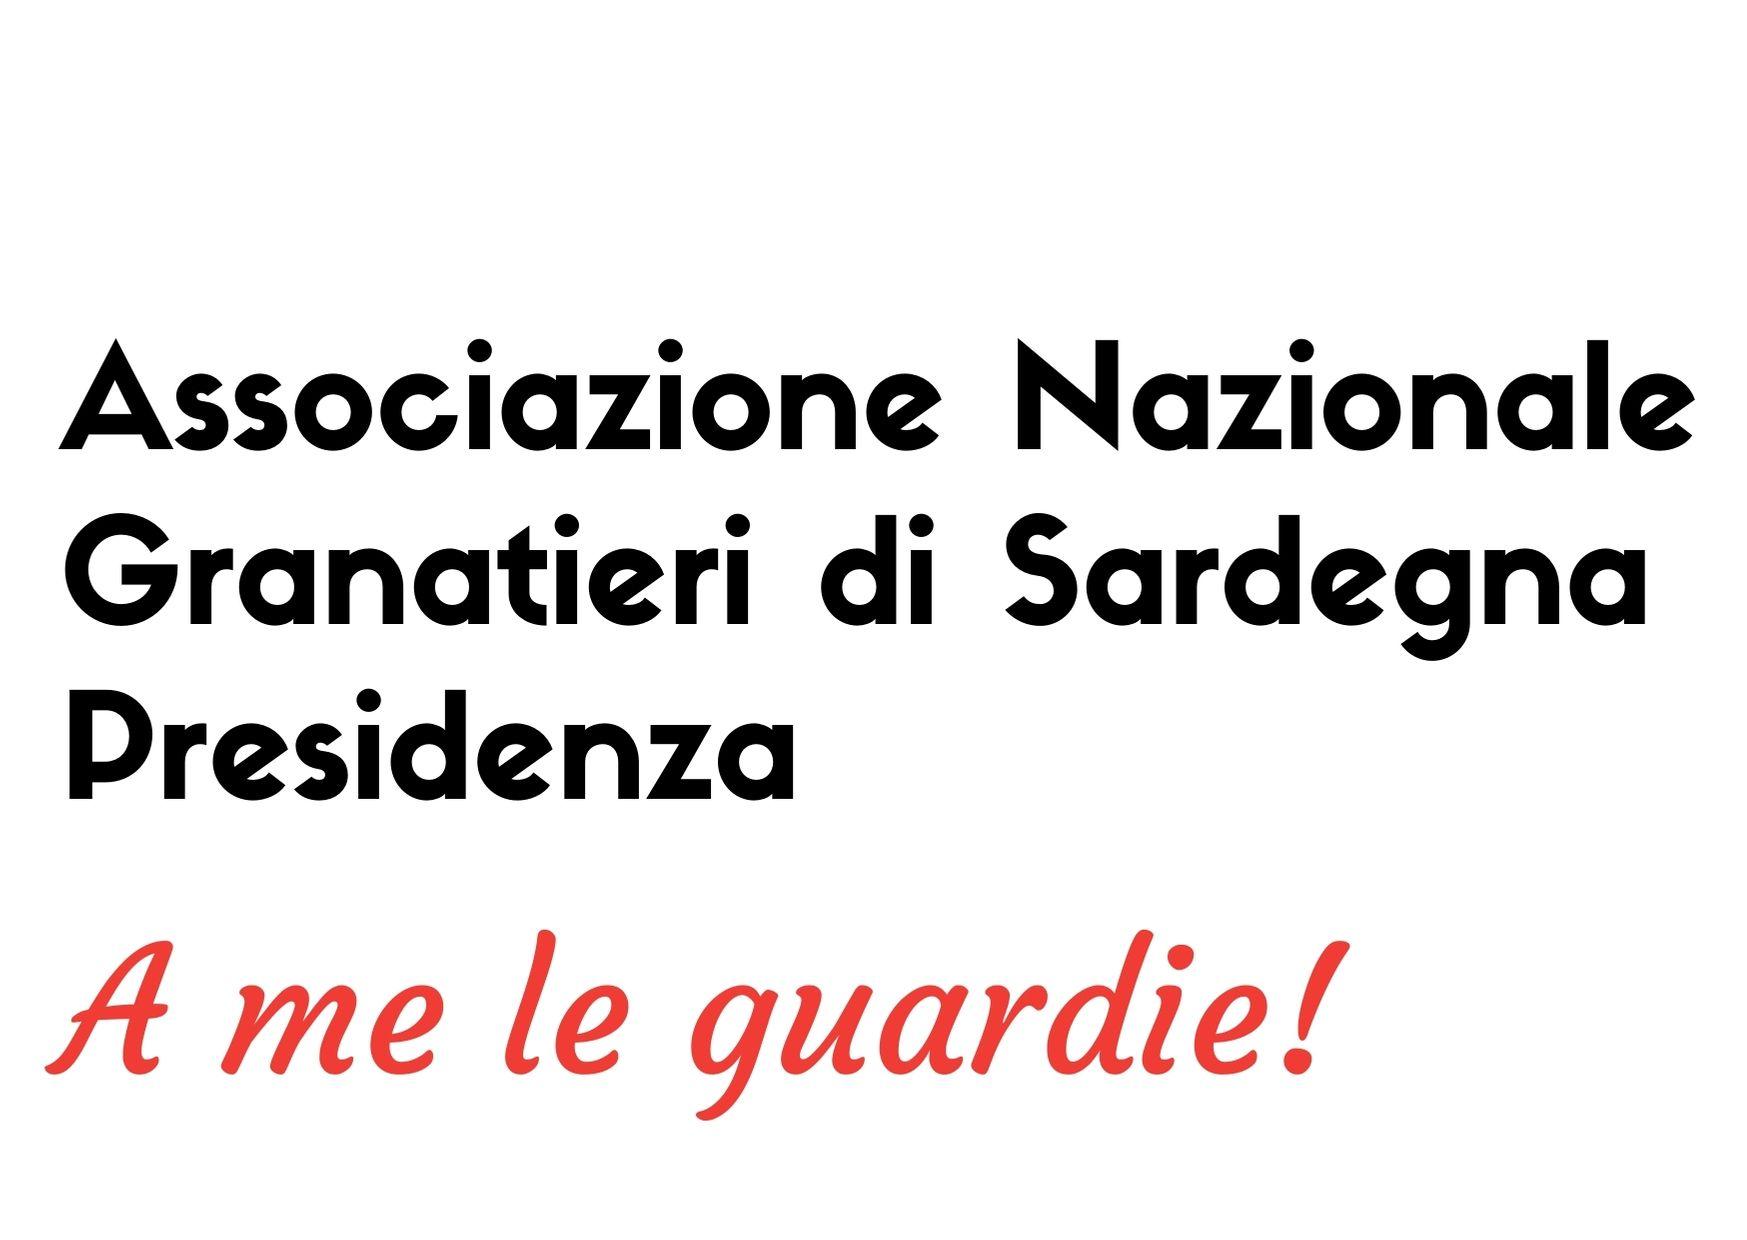 Associazione Nazionale Granatieri di Sardegna Presidenza